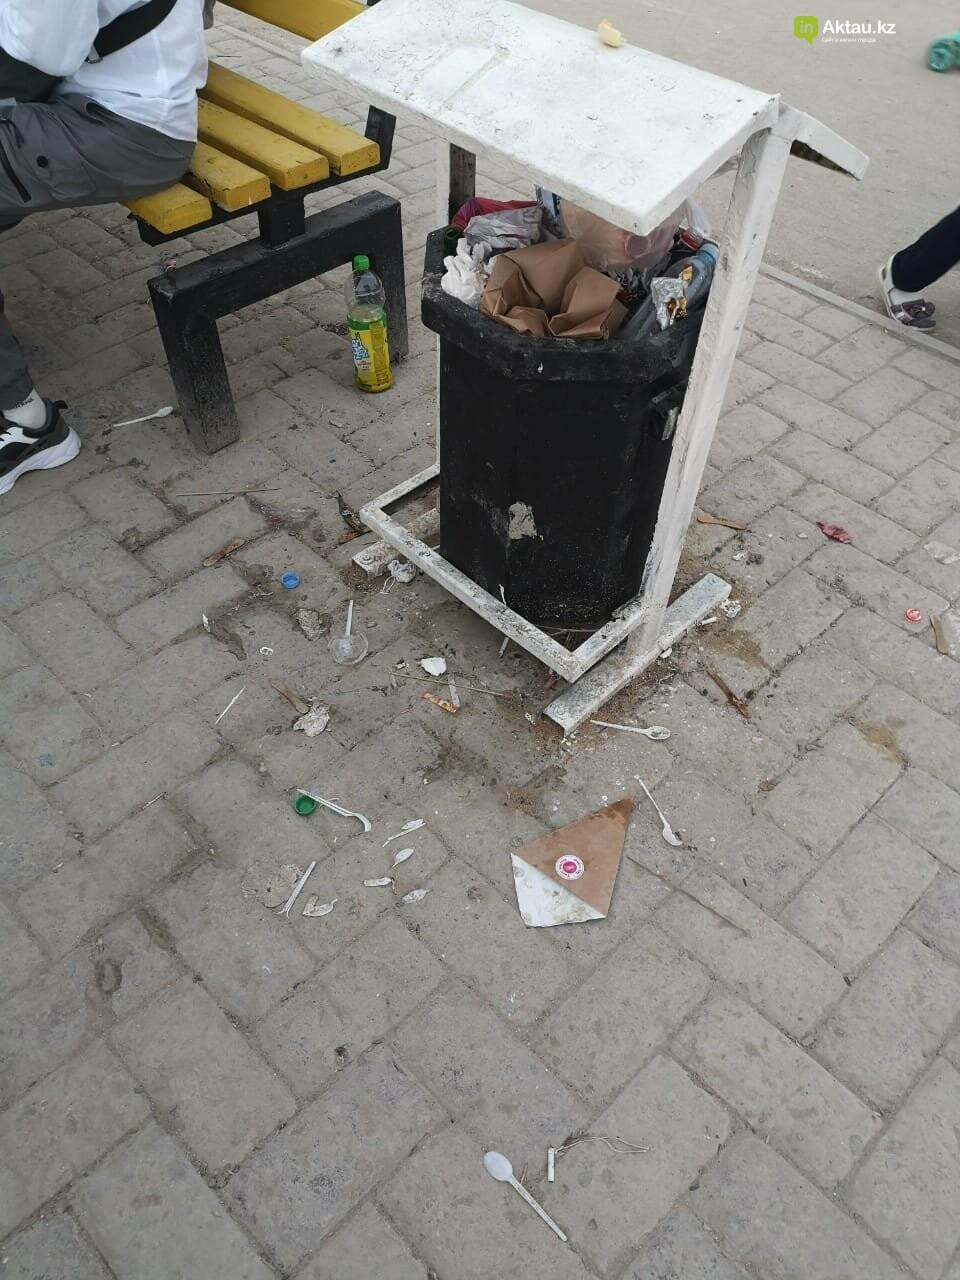 """""""Просто бардак!"""": жители Актау жалуются на санитарное состояние набережной, фото-5"""